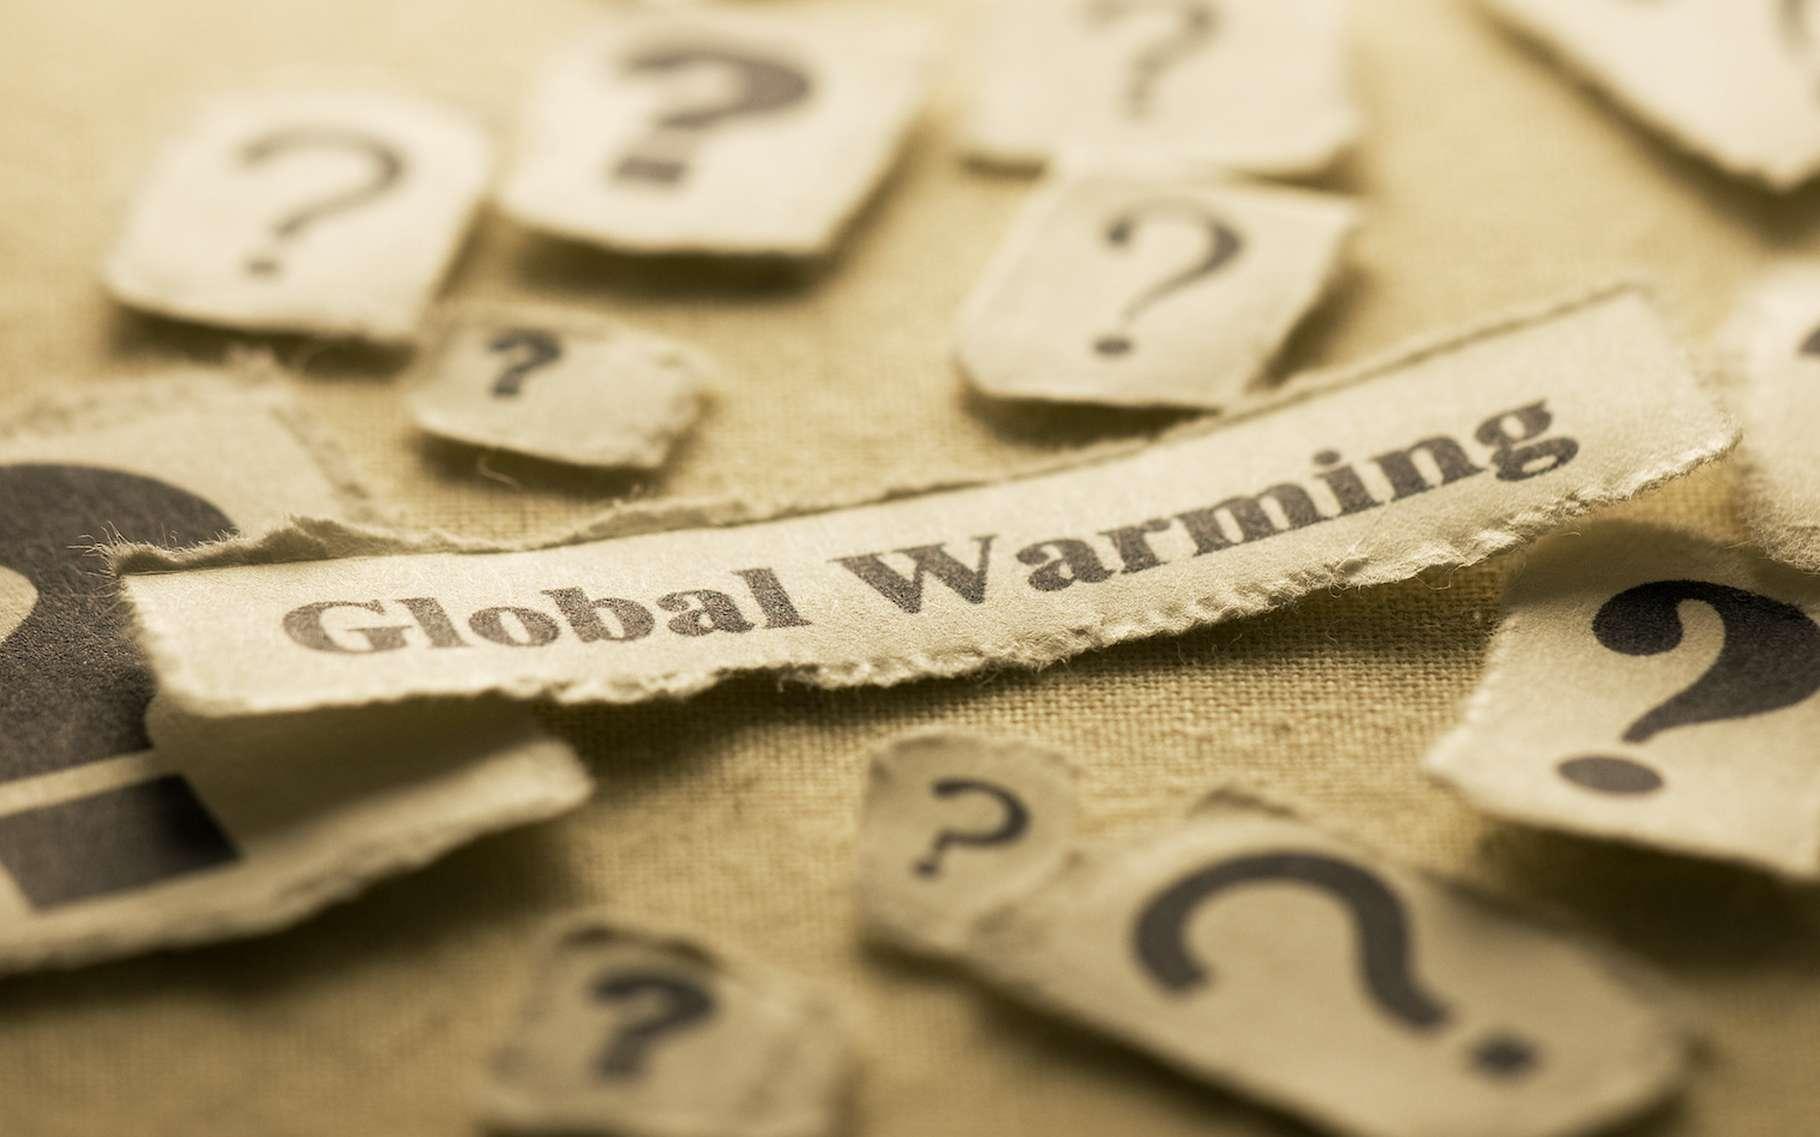 Aujourd'hui, la réalité du changement climatique est presque acceptée de tous. Mais, pour lutter efficacement contre le réchauffement, il est de la responsabilité des grands acteurs tels que le Groupe EDF d'accompagner les perceptions et les engagements. C'est l'objectif de l'Observatoire international climat et opinions publiques dont les premiers résultats viennent d'être rendus publics. © IMG_191, Adobe Stock